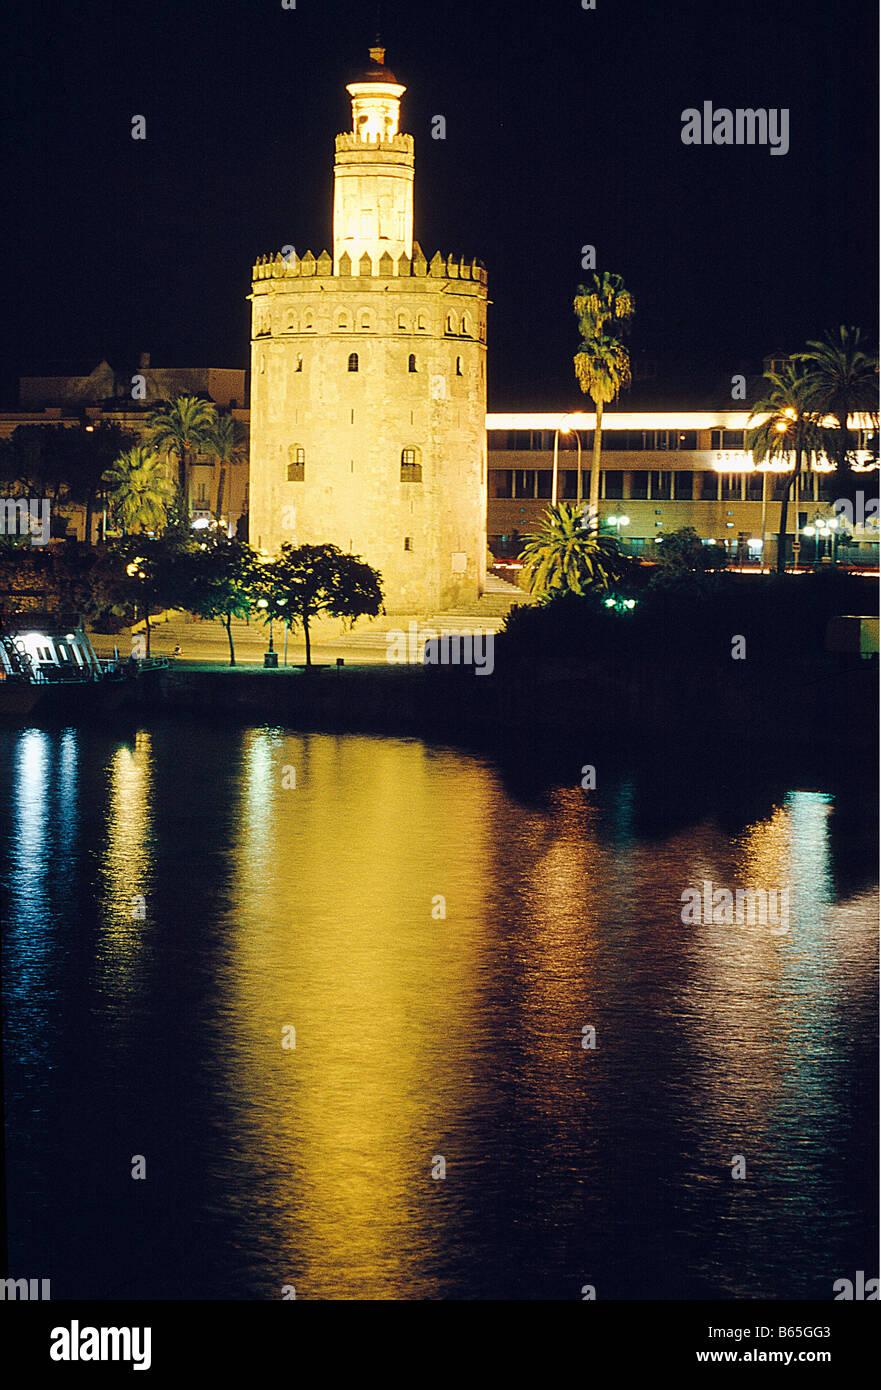 Torre del Oro y el río Guadalquivir. La vista de noche. Sevilla. Andalucía. España. Foto de stock